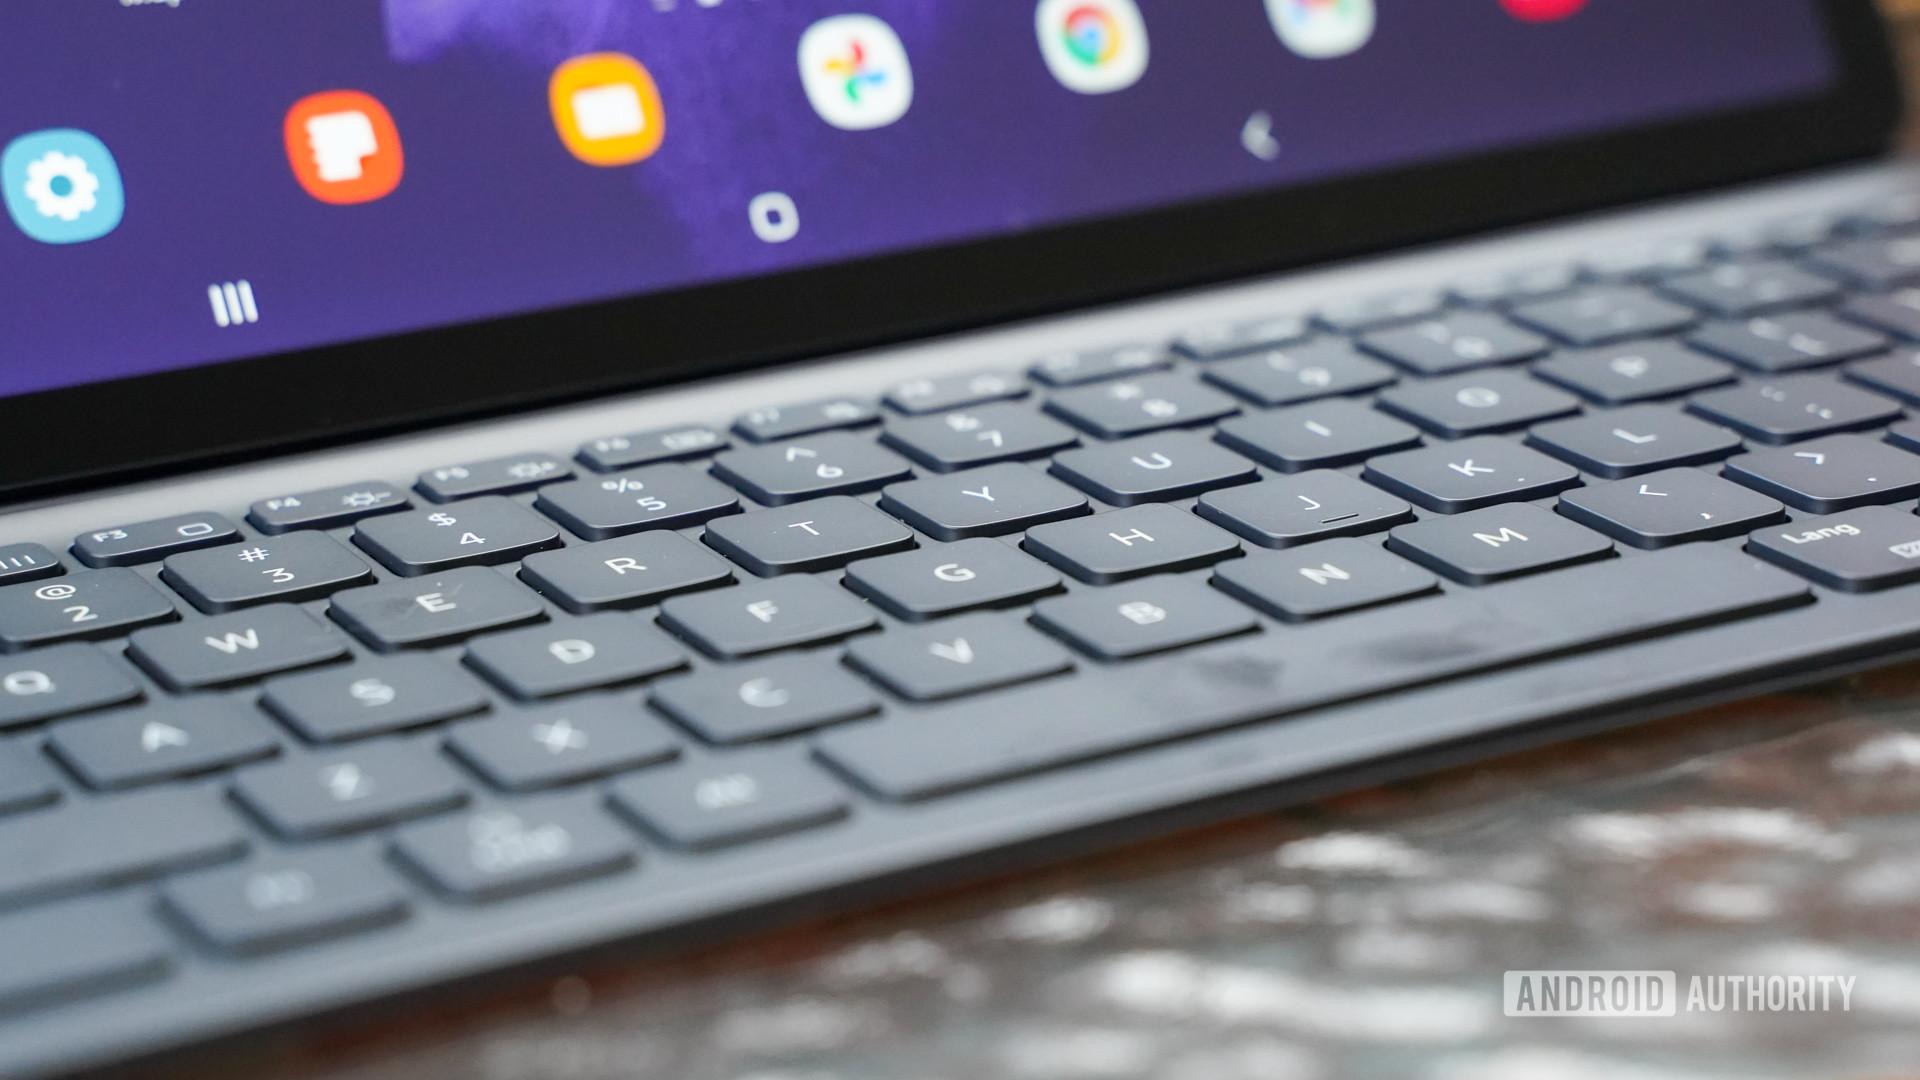 Samsung Galaxy Tab S7 FE keyboard closeup